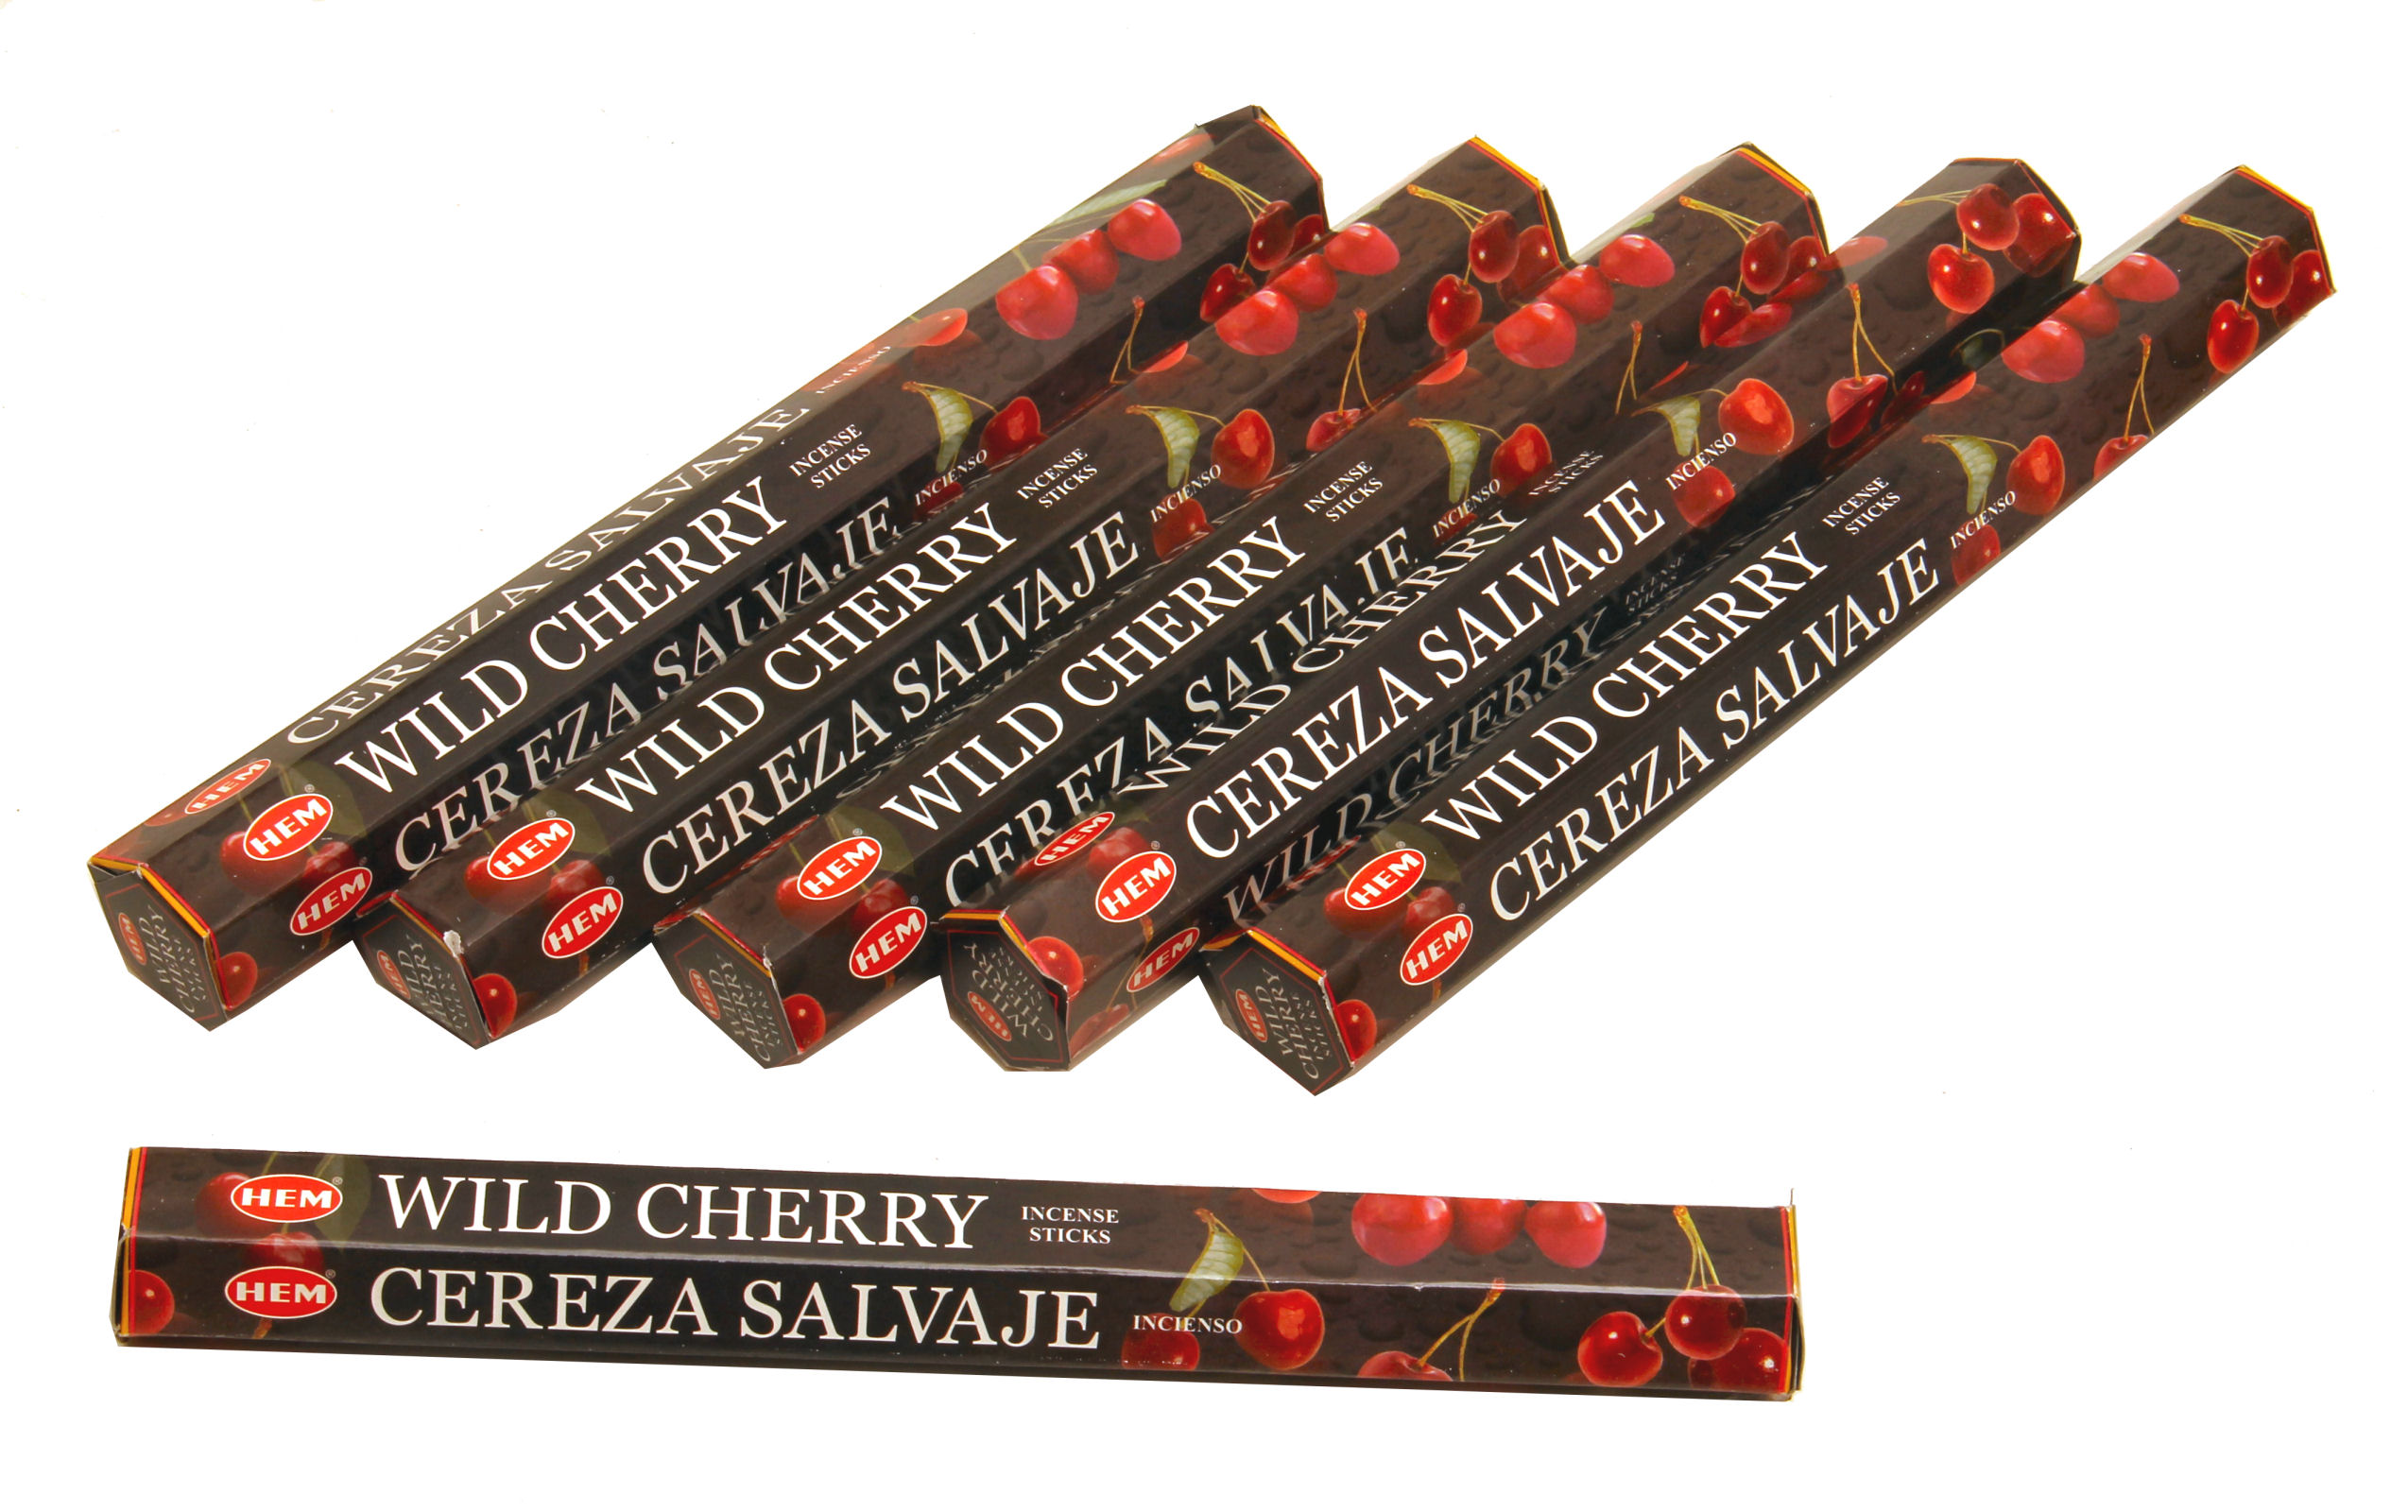 HEM Räucherstäbchen Sparset. 6 Packungen ca. 120 Sticks Wild Cherry